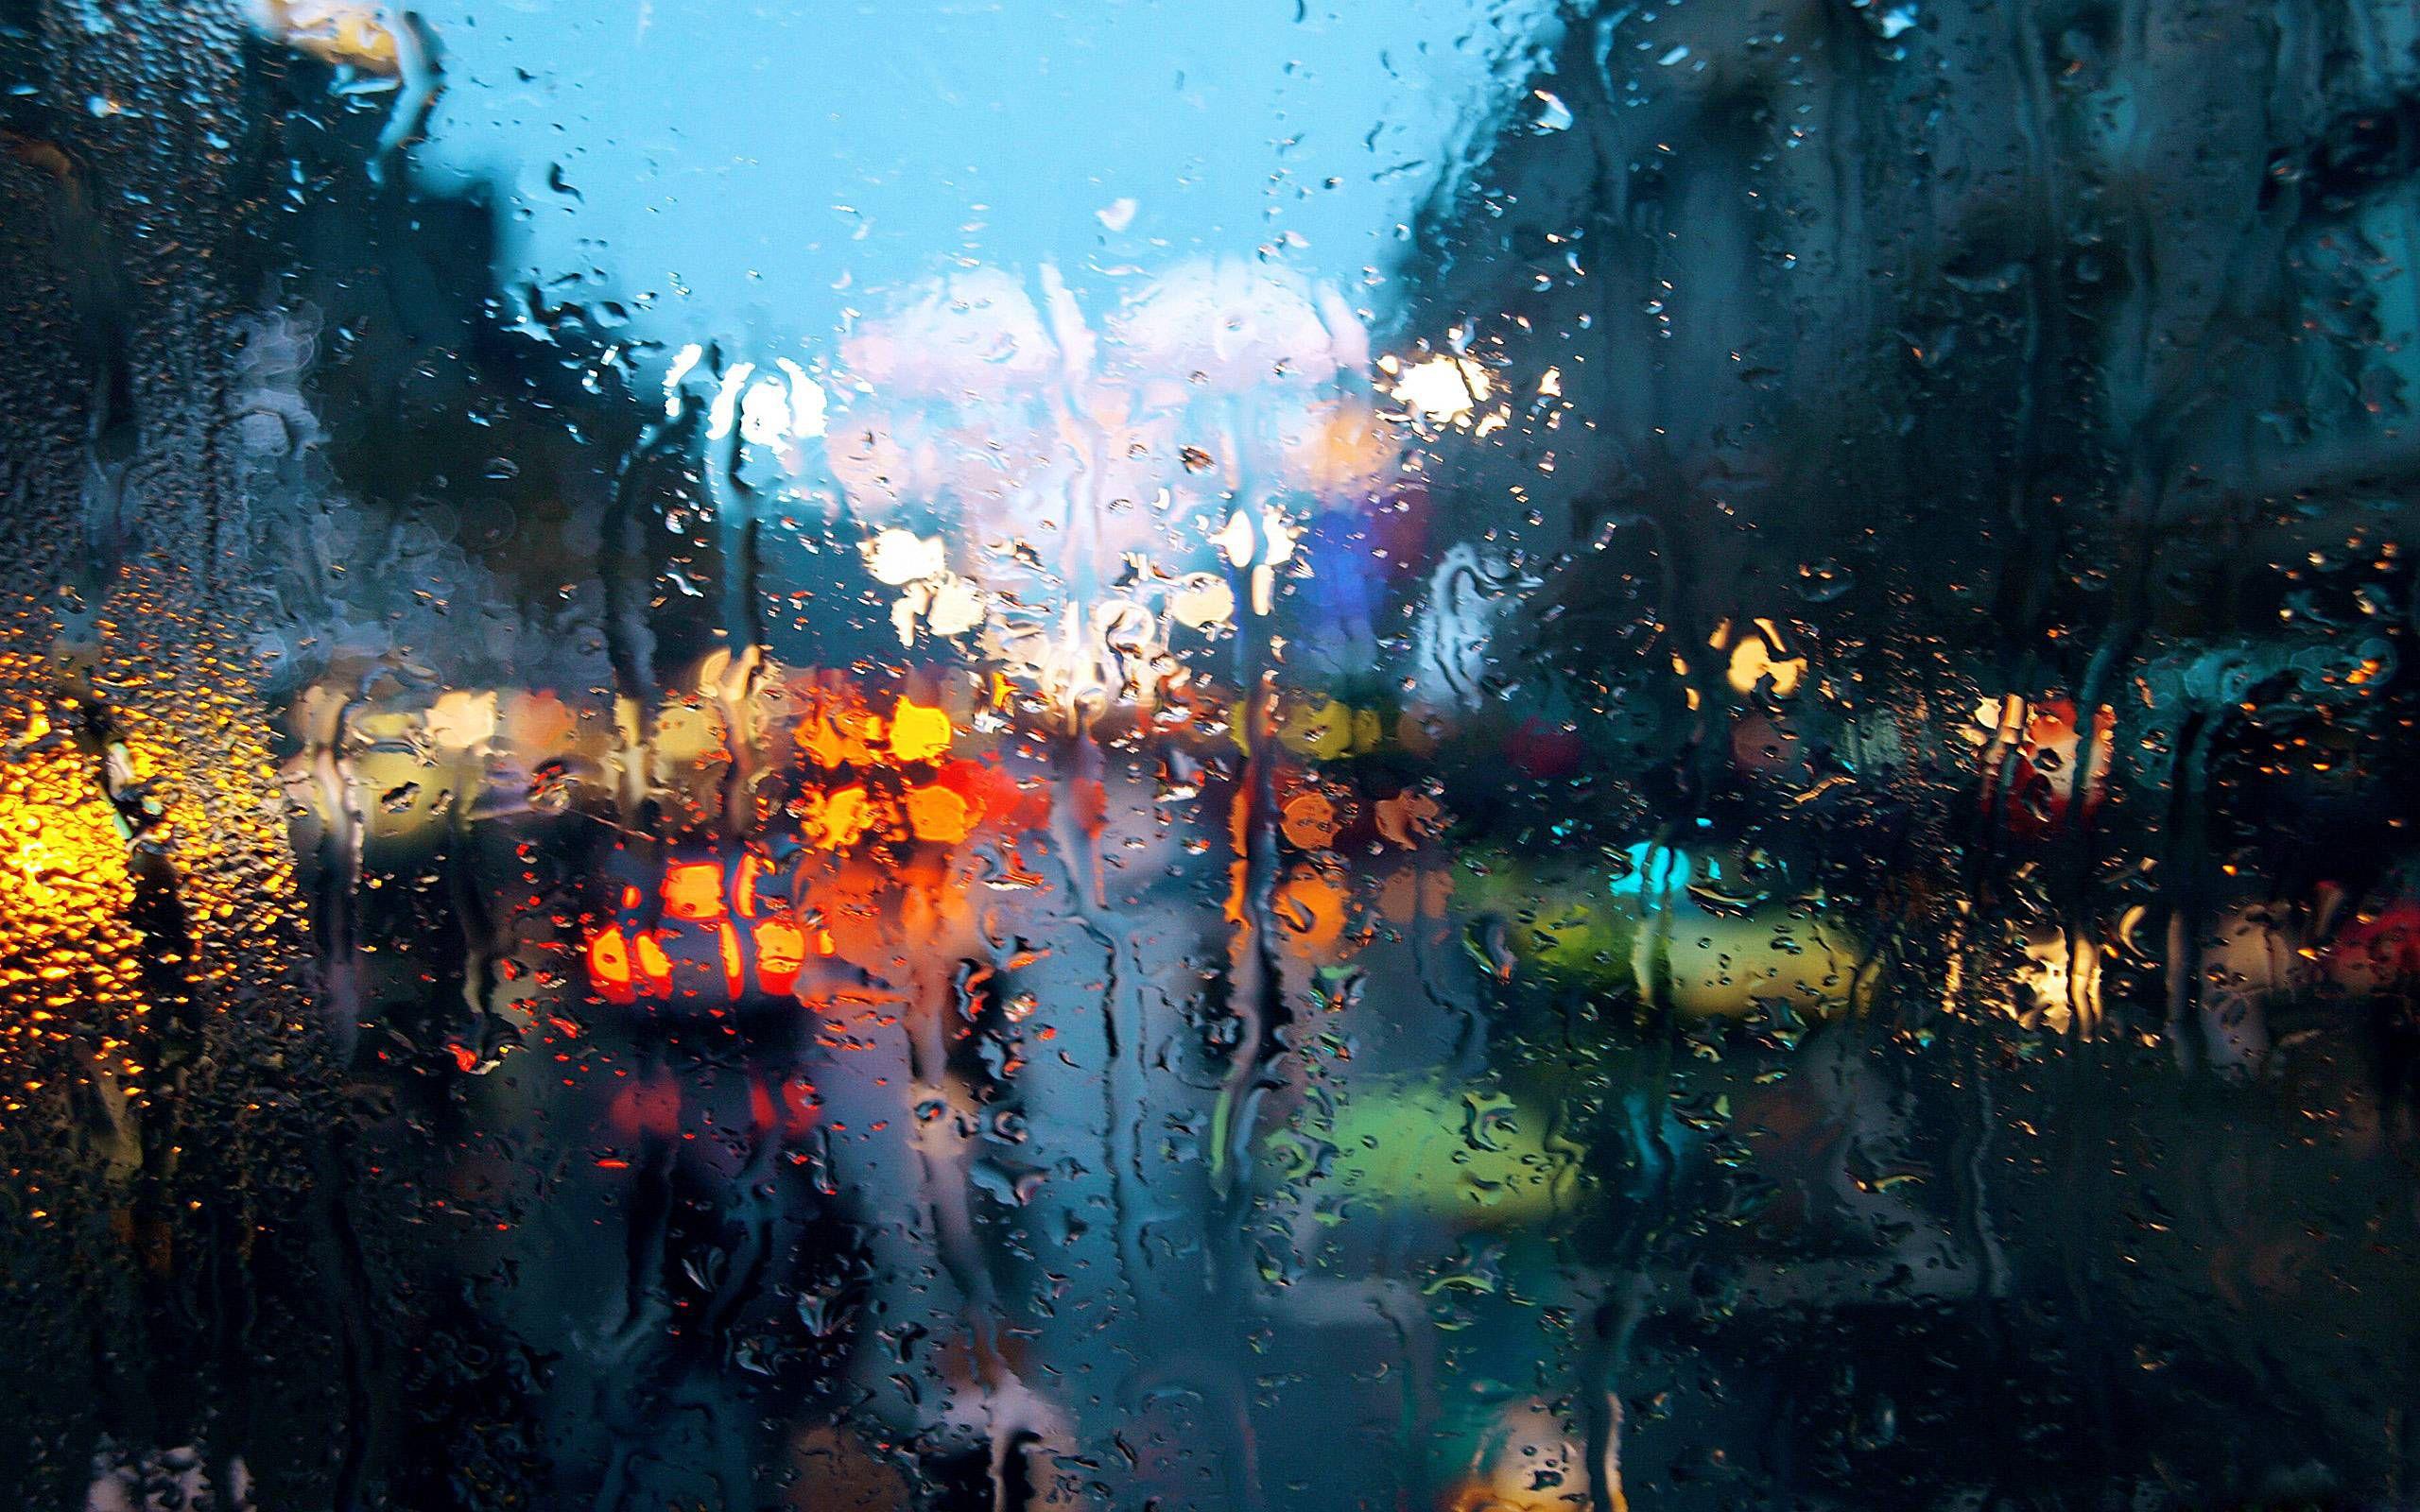 بارندگی-شدید-در-غرب-گرجستان